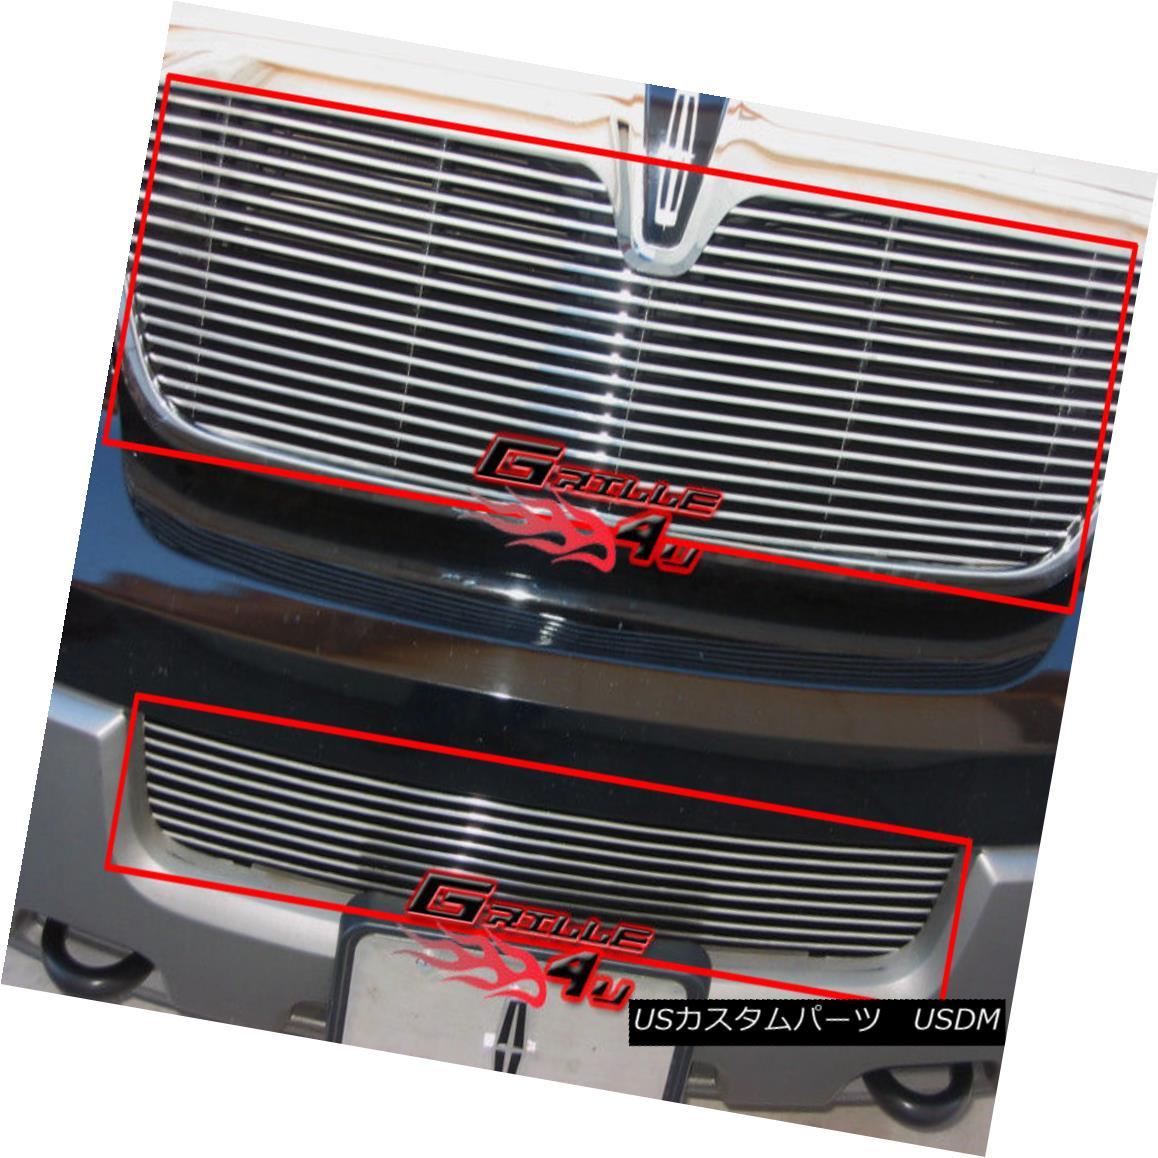 グリル Fits 2003-2004 Lincoln Navigator Billet Grille Combo フィット2003-2004リンカーンナビゲータービレットグリルコンボ